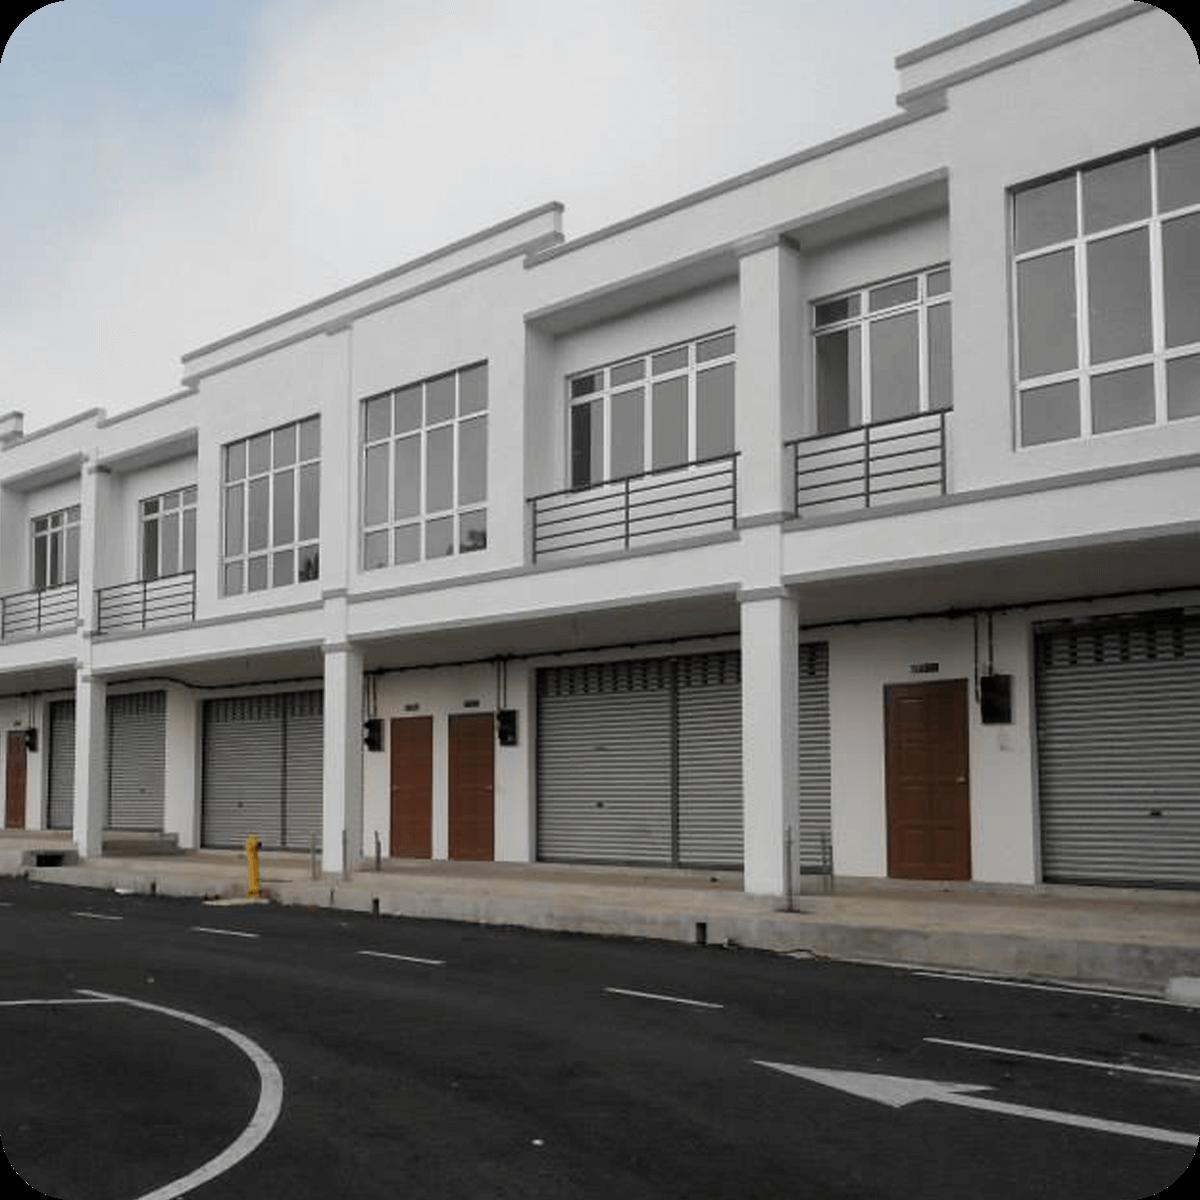 Rumah IBS   Kontraktor Bina Rumah IBS (LPPSA, KWSP & Tunai) 13